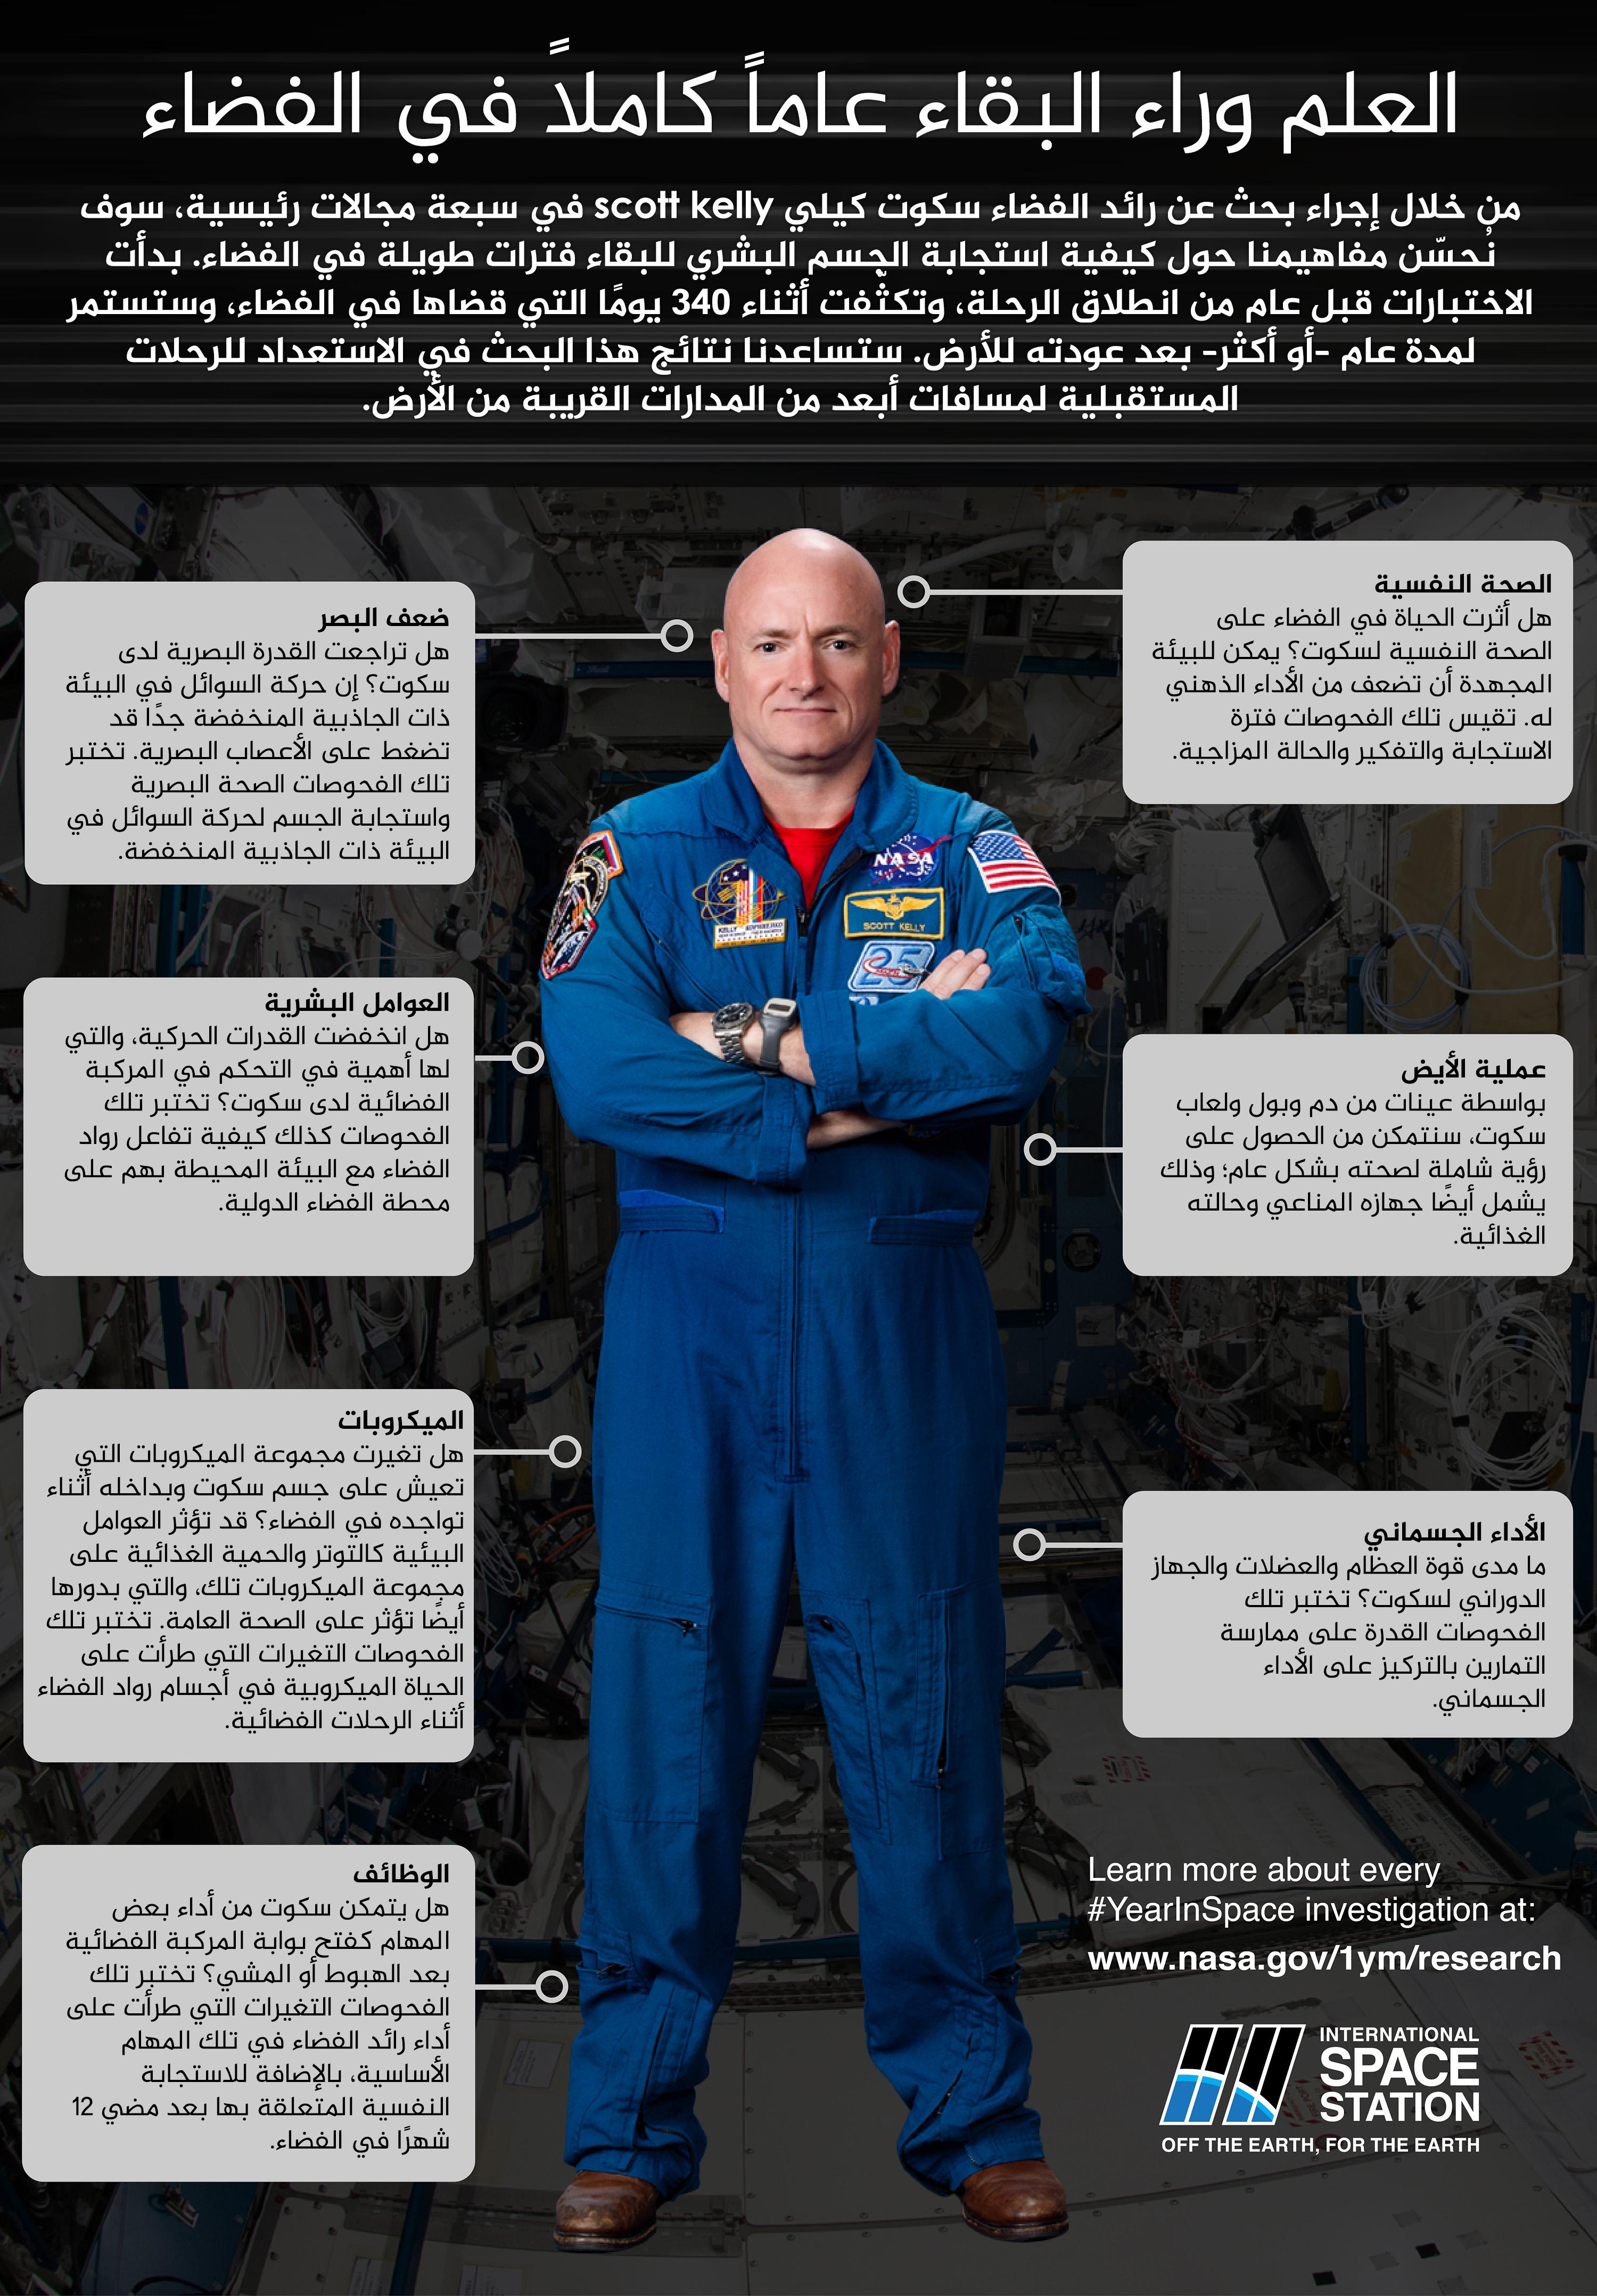 العلم وراء البقاء عاماً كاملاً في الفضاء